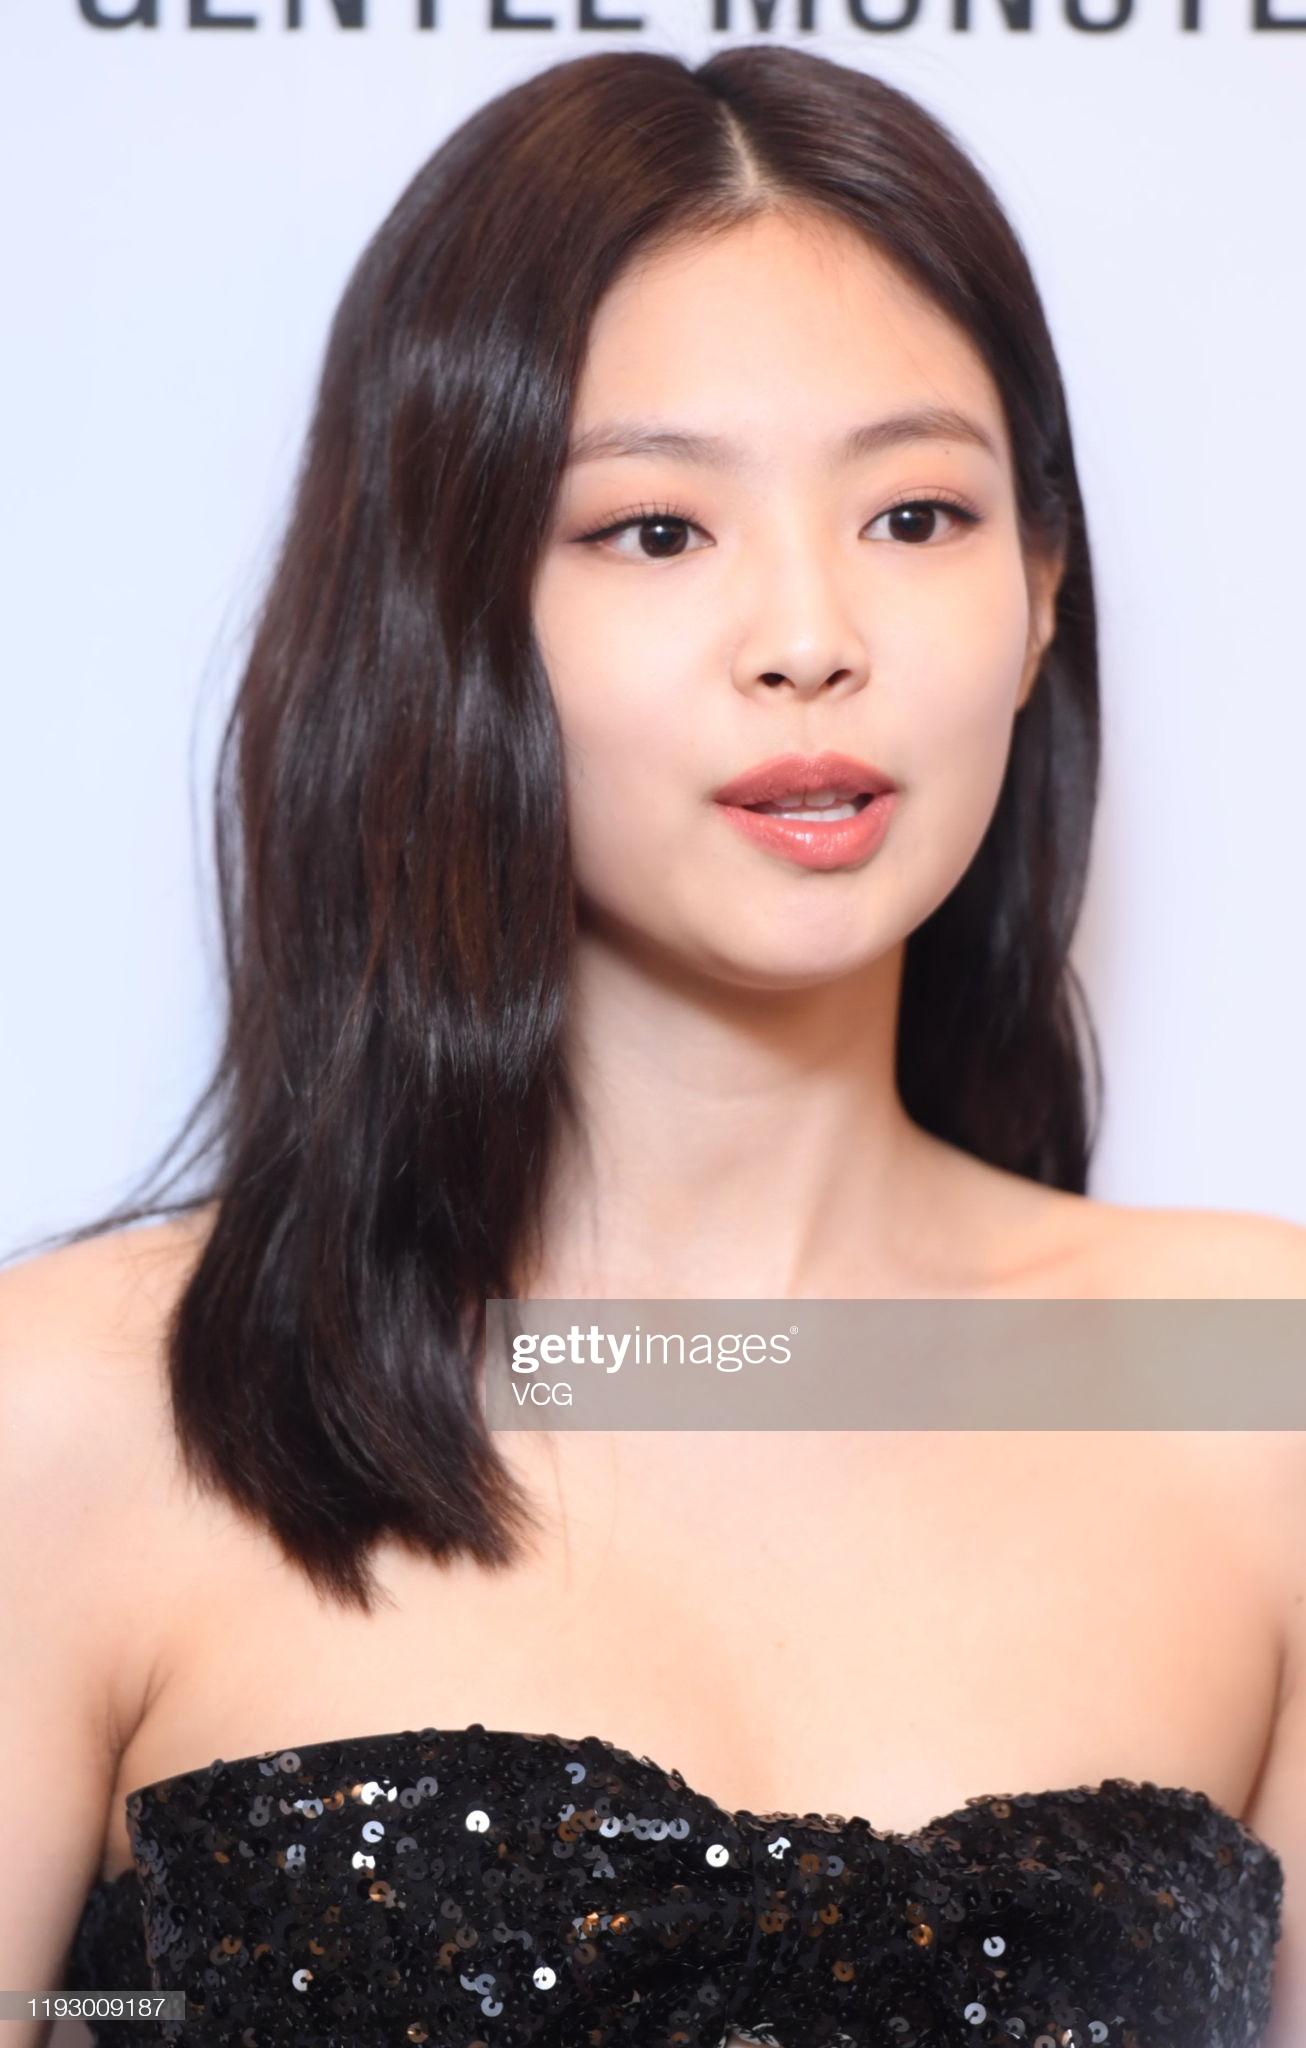 Sao Hàn dưới ống kính Getty Images: Người khiến hung thần sợ ngược vì makeup đỉnh, kéo xuống cuối lại thấy sầu đời - Ảnh 5.